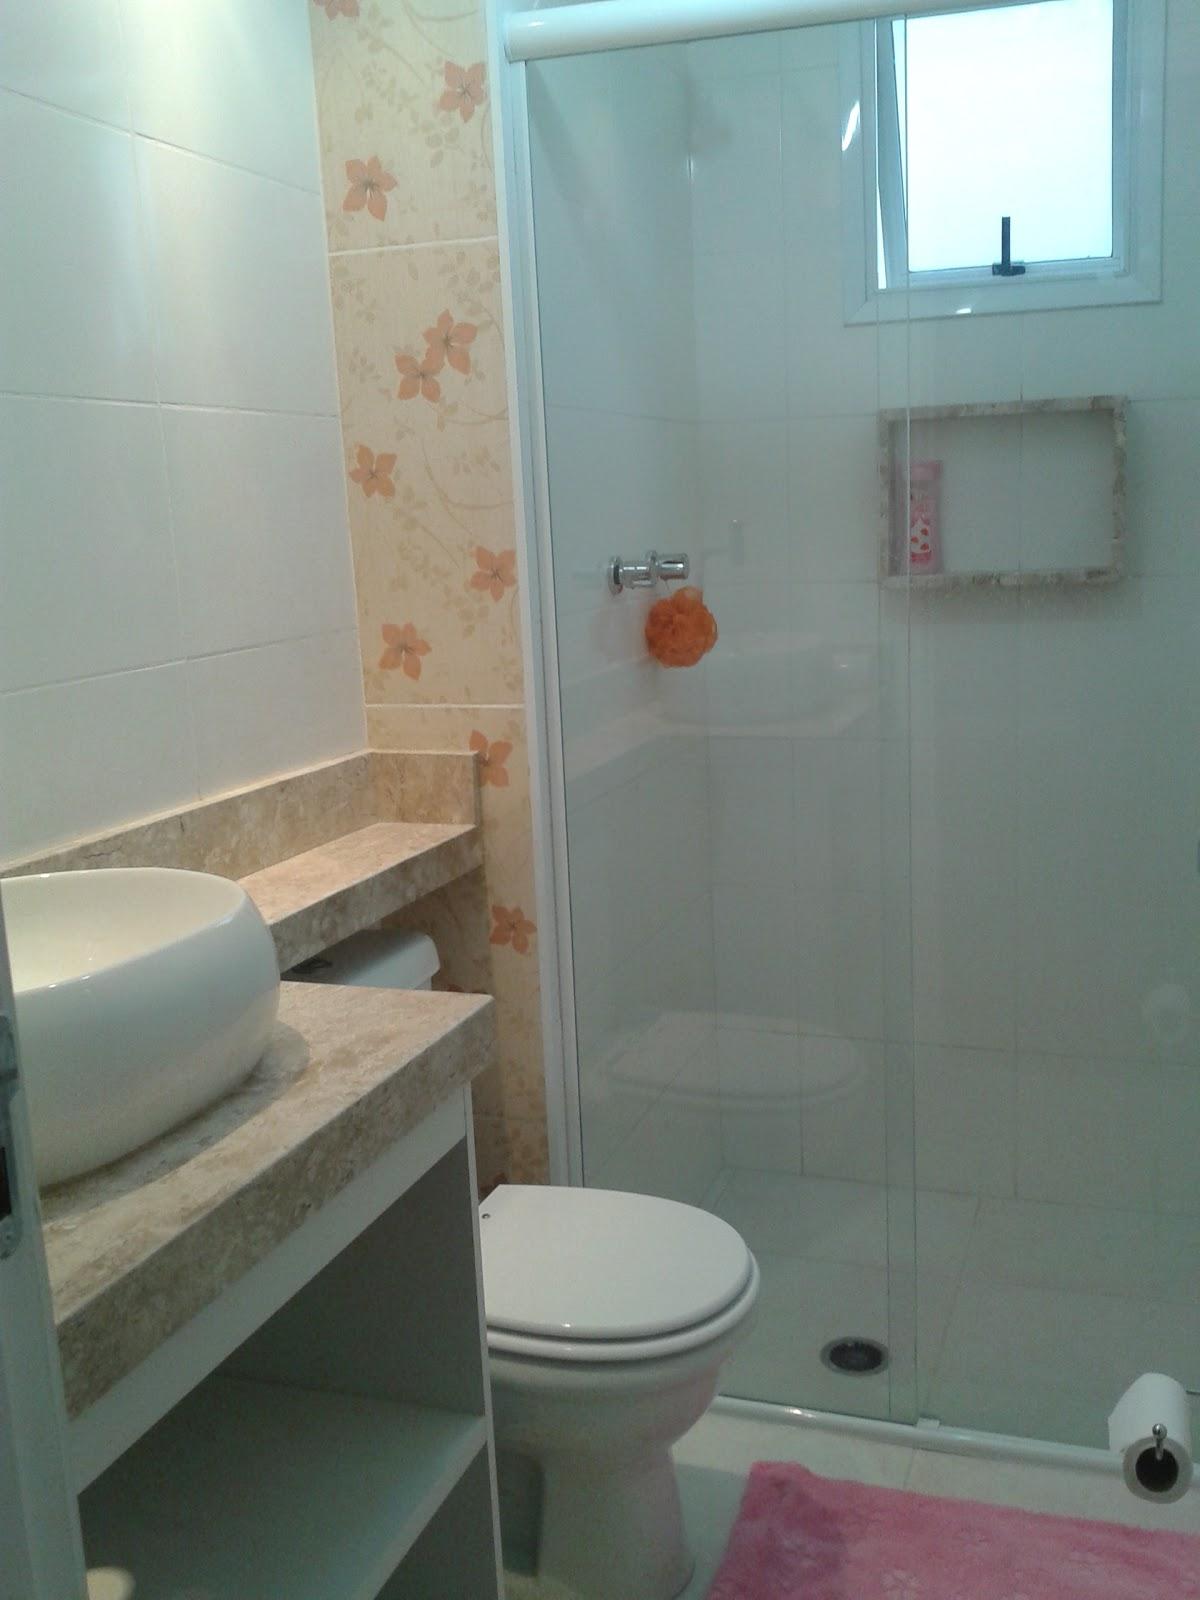 Meu primeiro Apartamento: Banheiro com mármore instalado #517A69 1200x1600 Bancada Banheiro Leroy